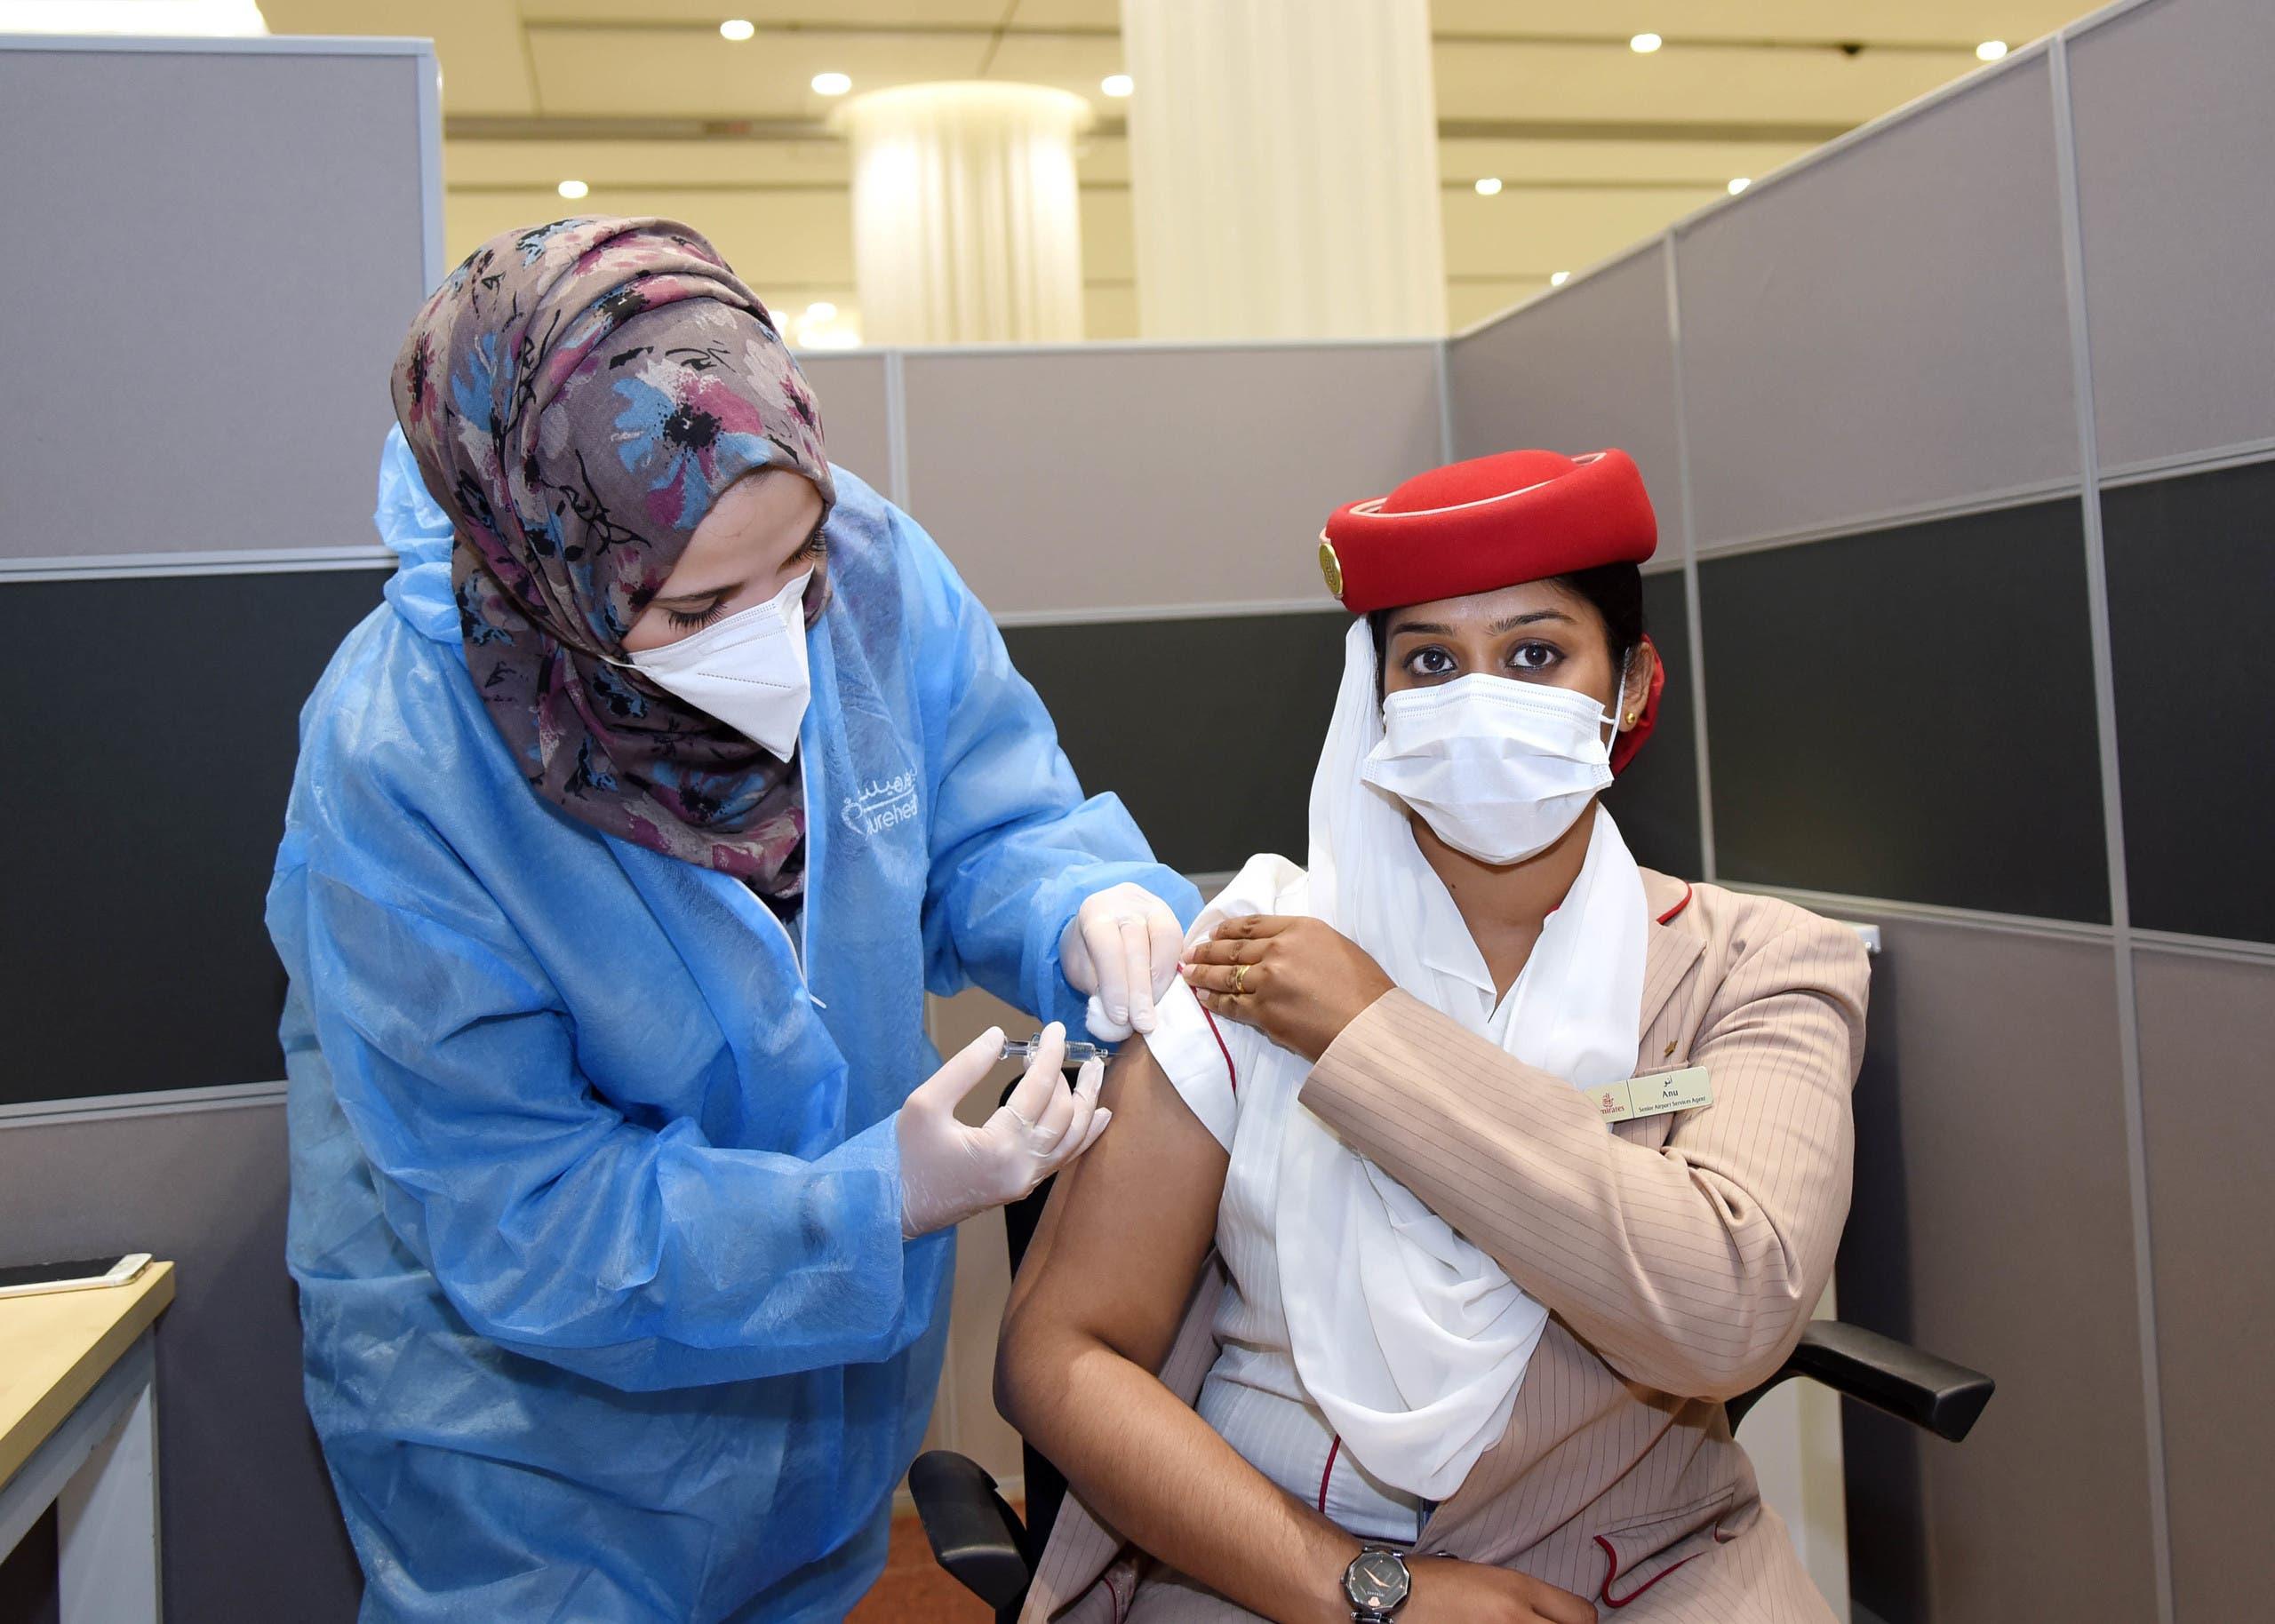 Emirates flight attendant gets the COVID-19 (coronavirus) vaccine in Dubai, United Arab Emirates. (Emirates)